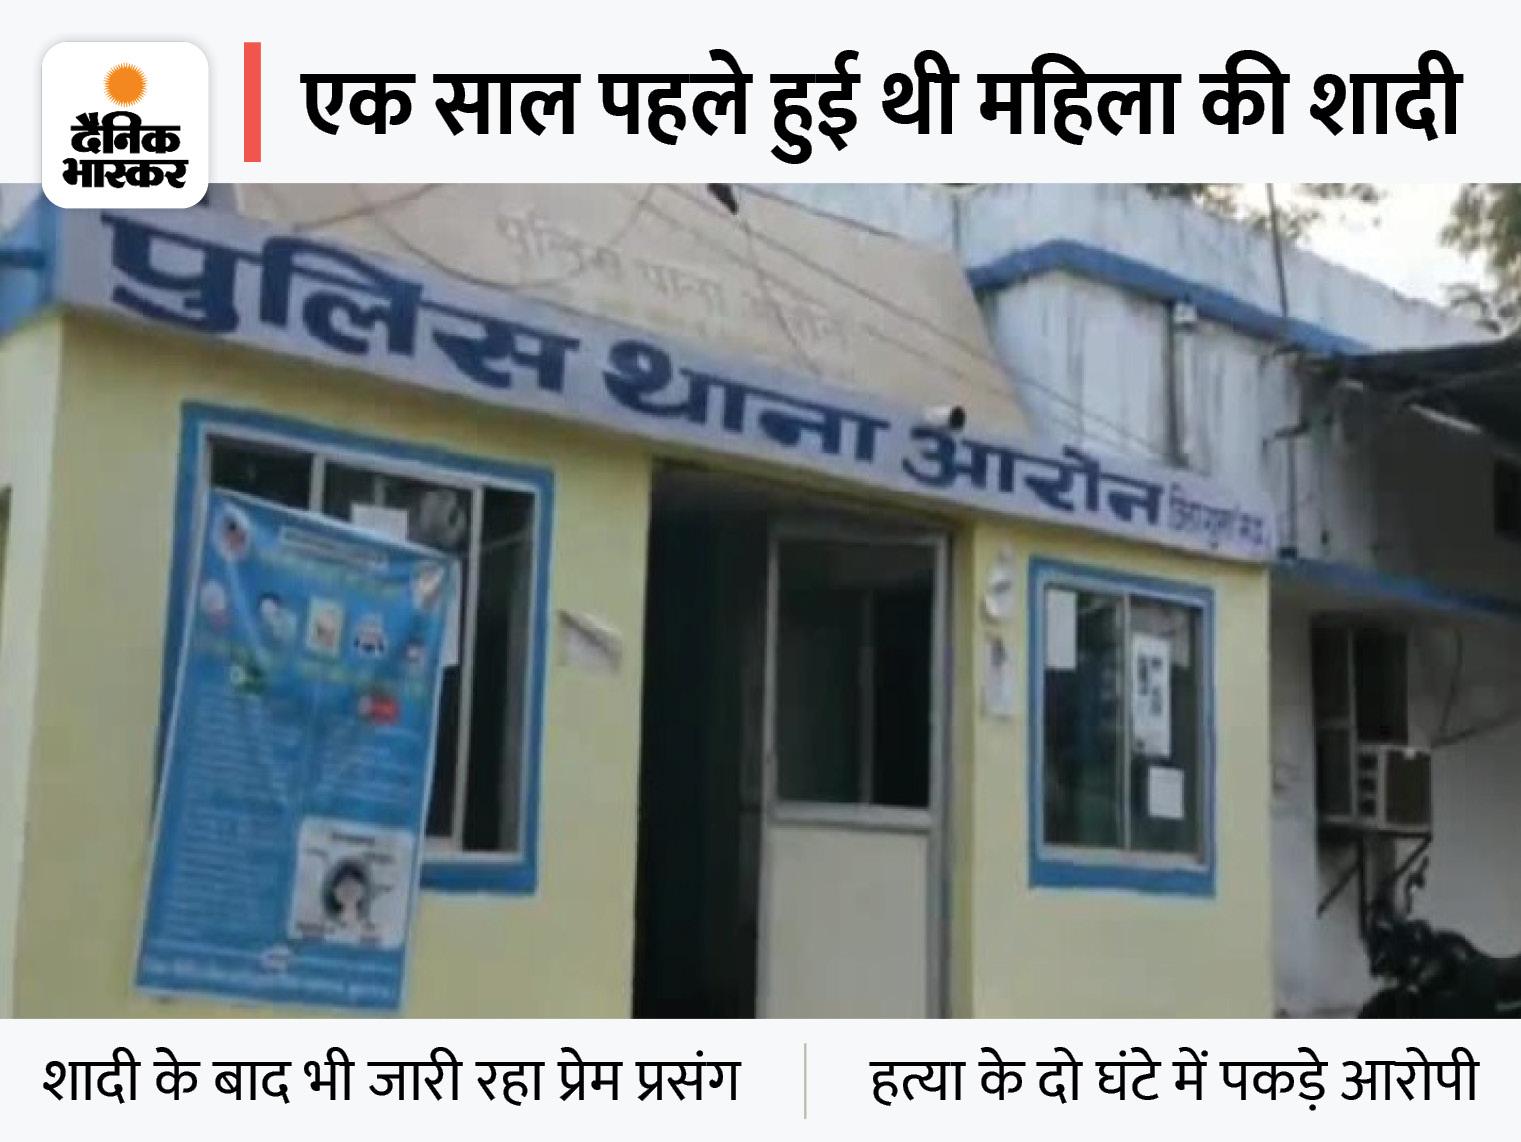 अशोकनगर में पति को छोड़कर भाग गई महिला, गुस्साए भाइयों ने प्रेमी की मां को पीट-पीट कर मार डाला|गुना,Guna - Dainik Bhaskar